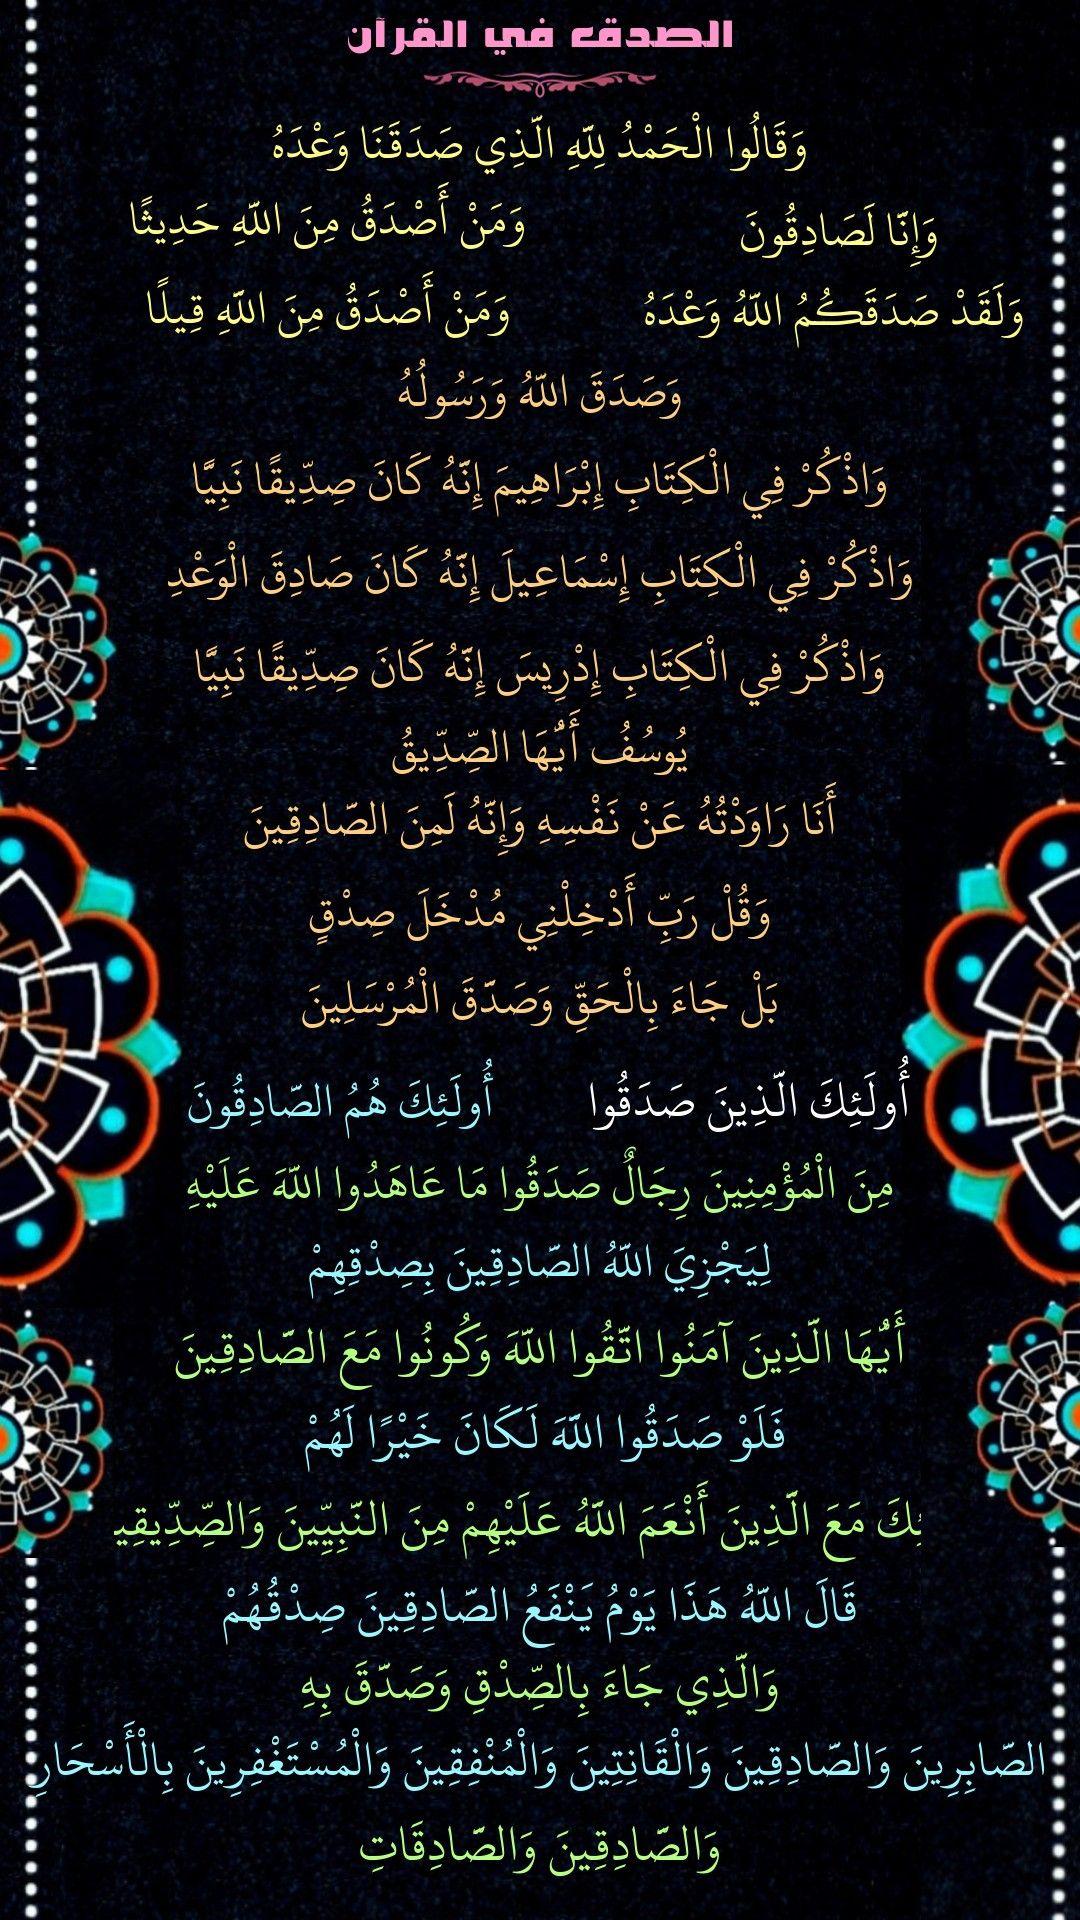 قرآن كريم آيات الصدق في القرآن